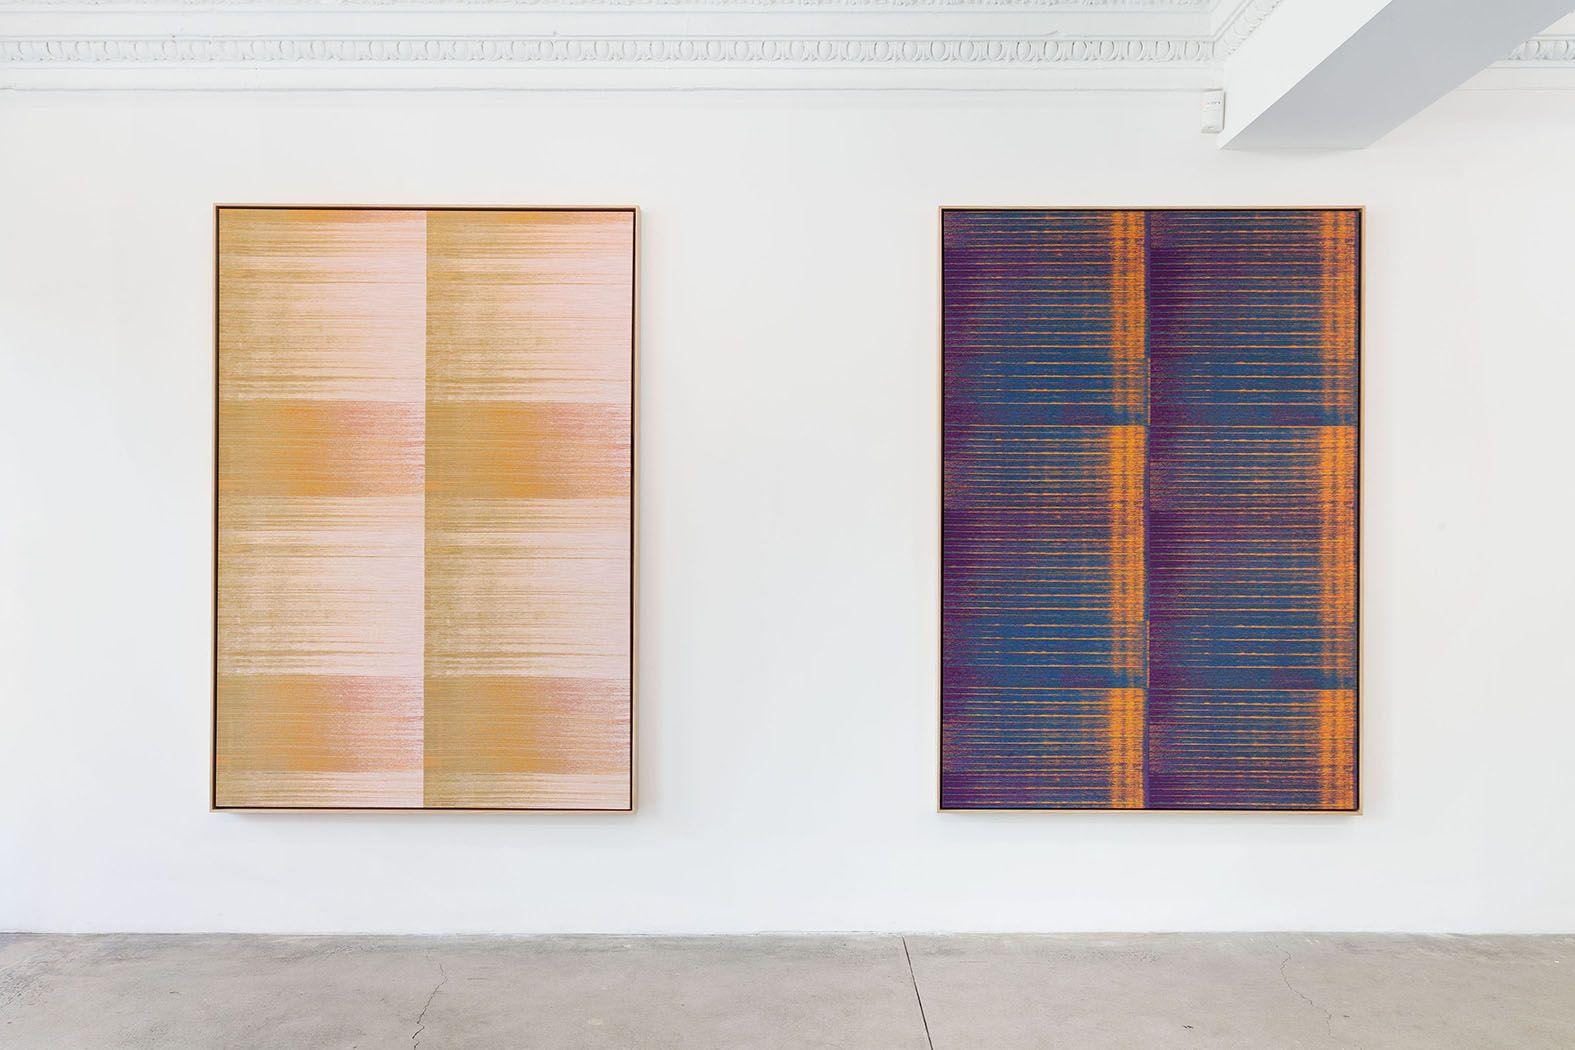 Mika Tajima, Negative Entropy, 2015 (Taro Nasu Gallery)